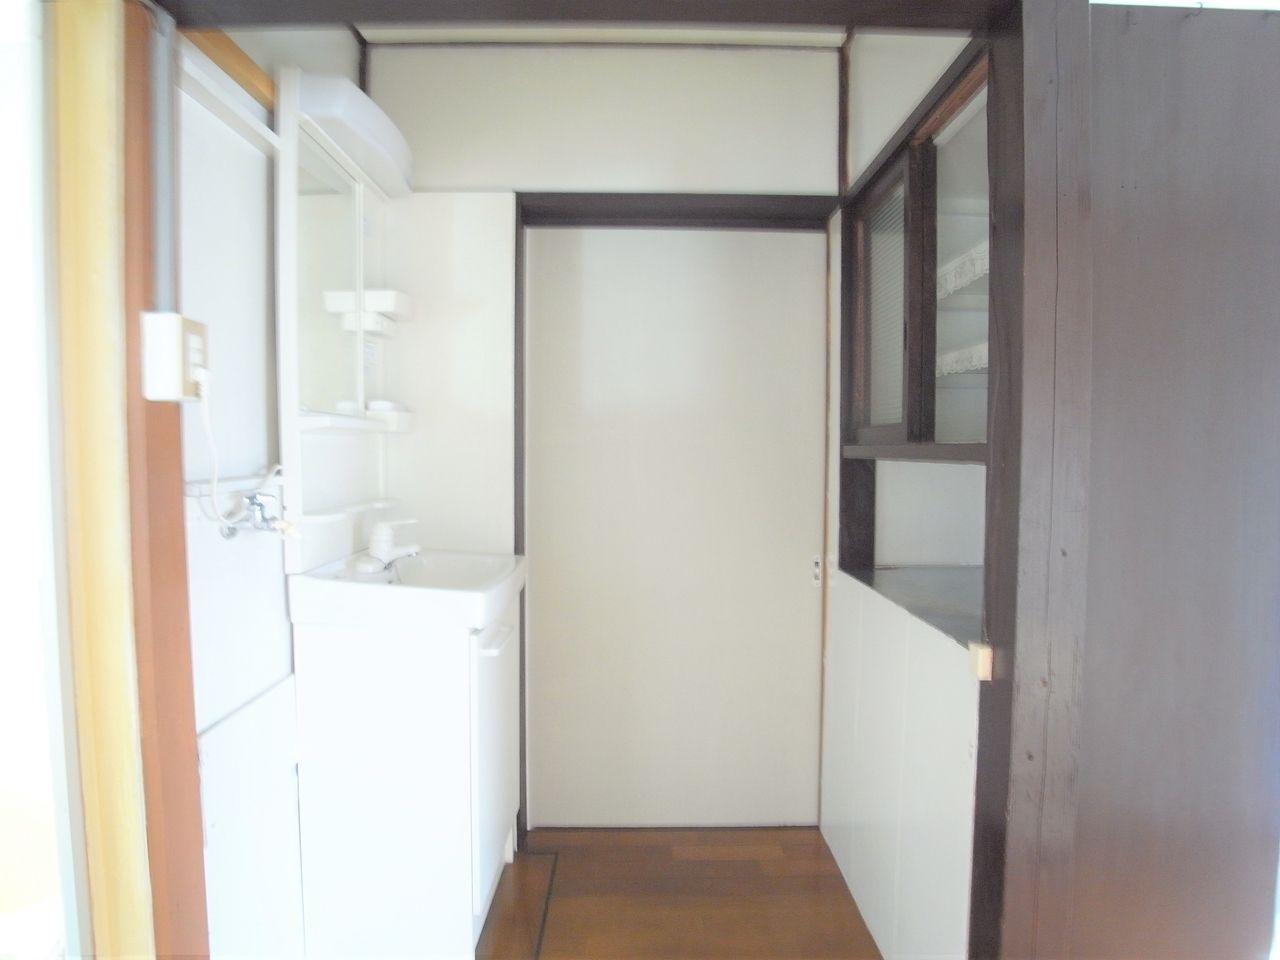 手前には食器棚と洗面台が向かい合っています